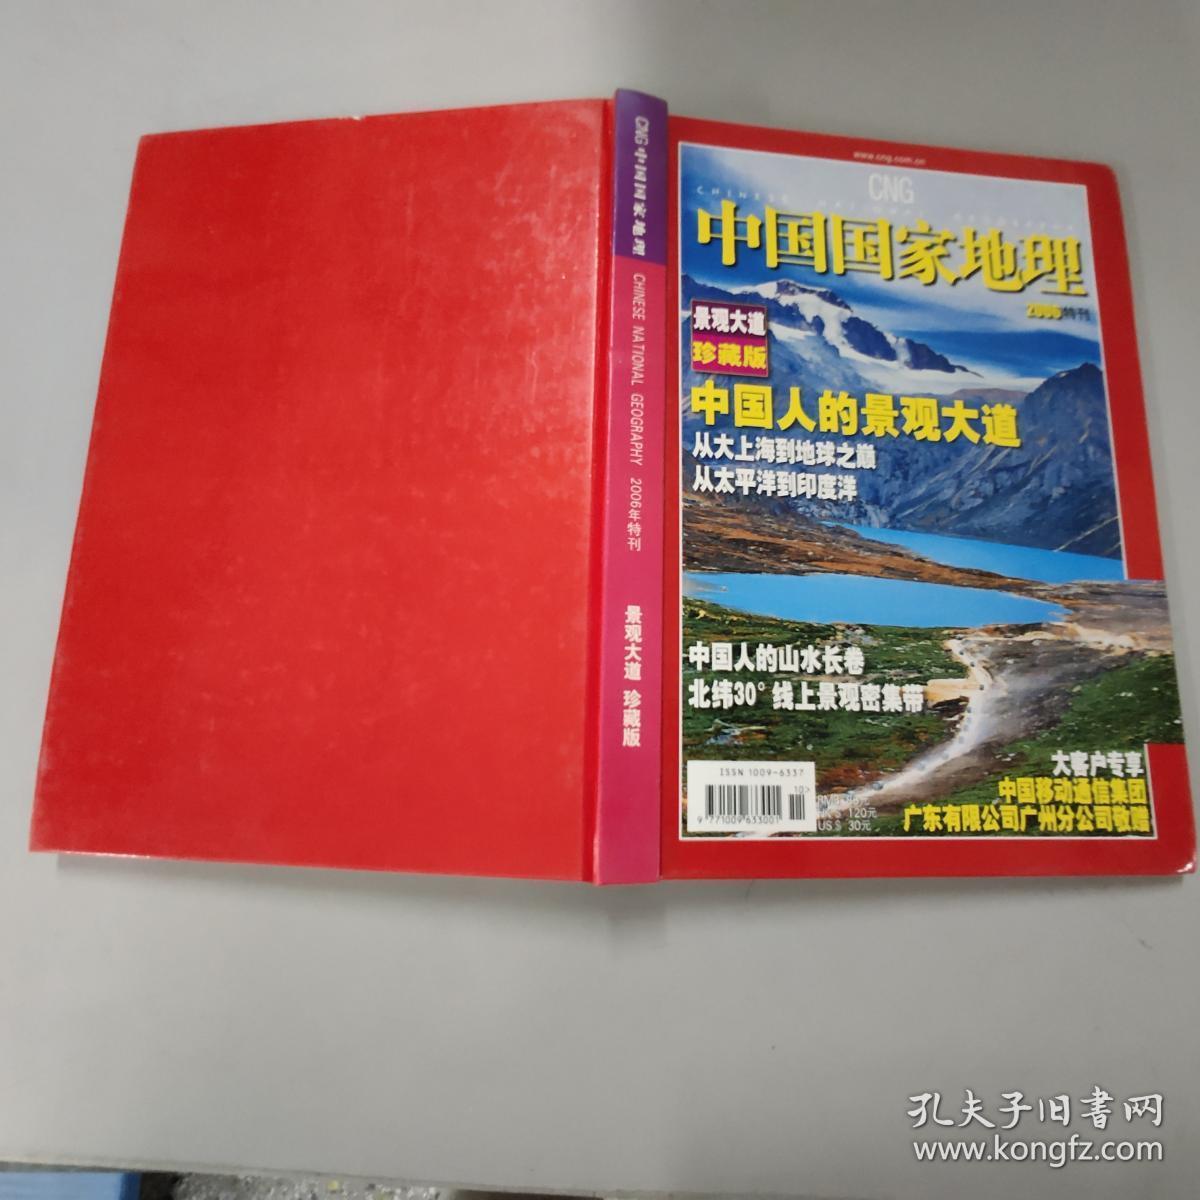 中国国家地理2006特刊 景观大道珍藏版